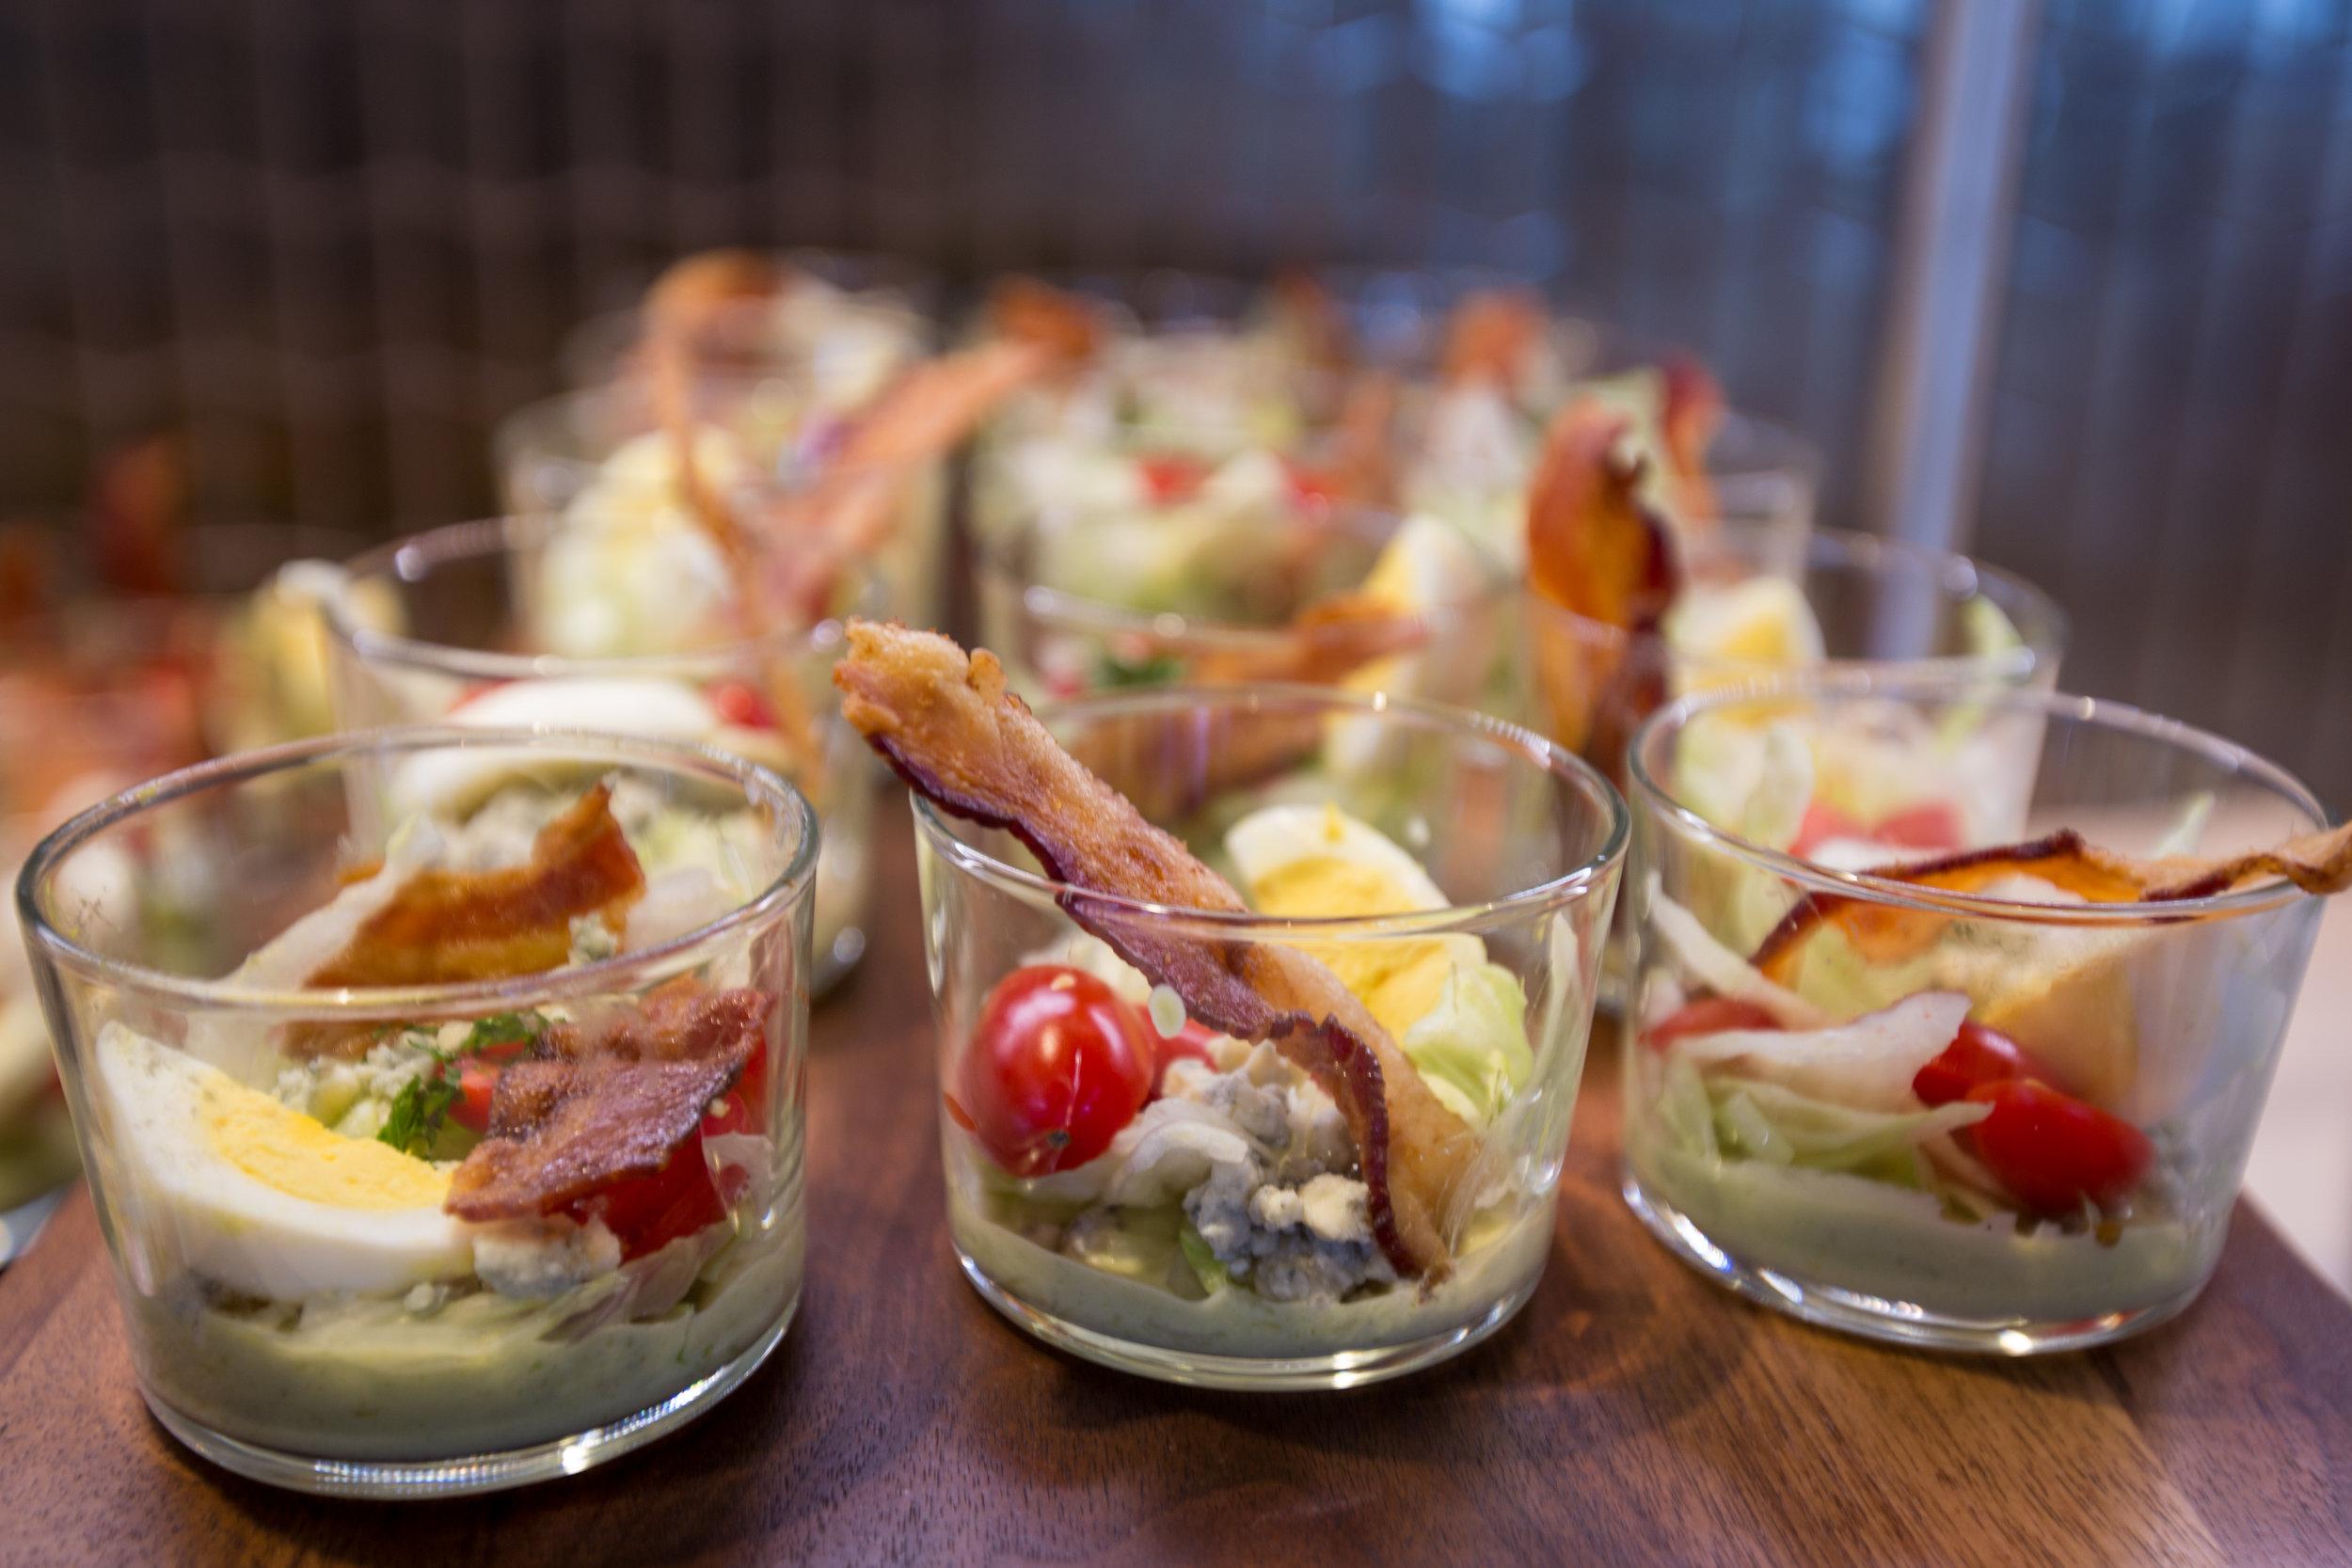 deconstructed cobb salad